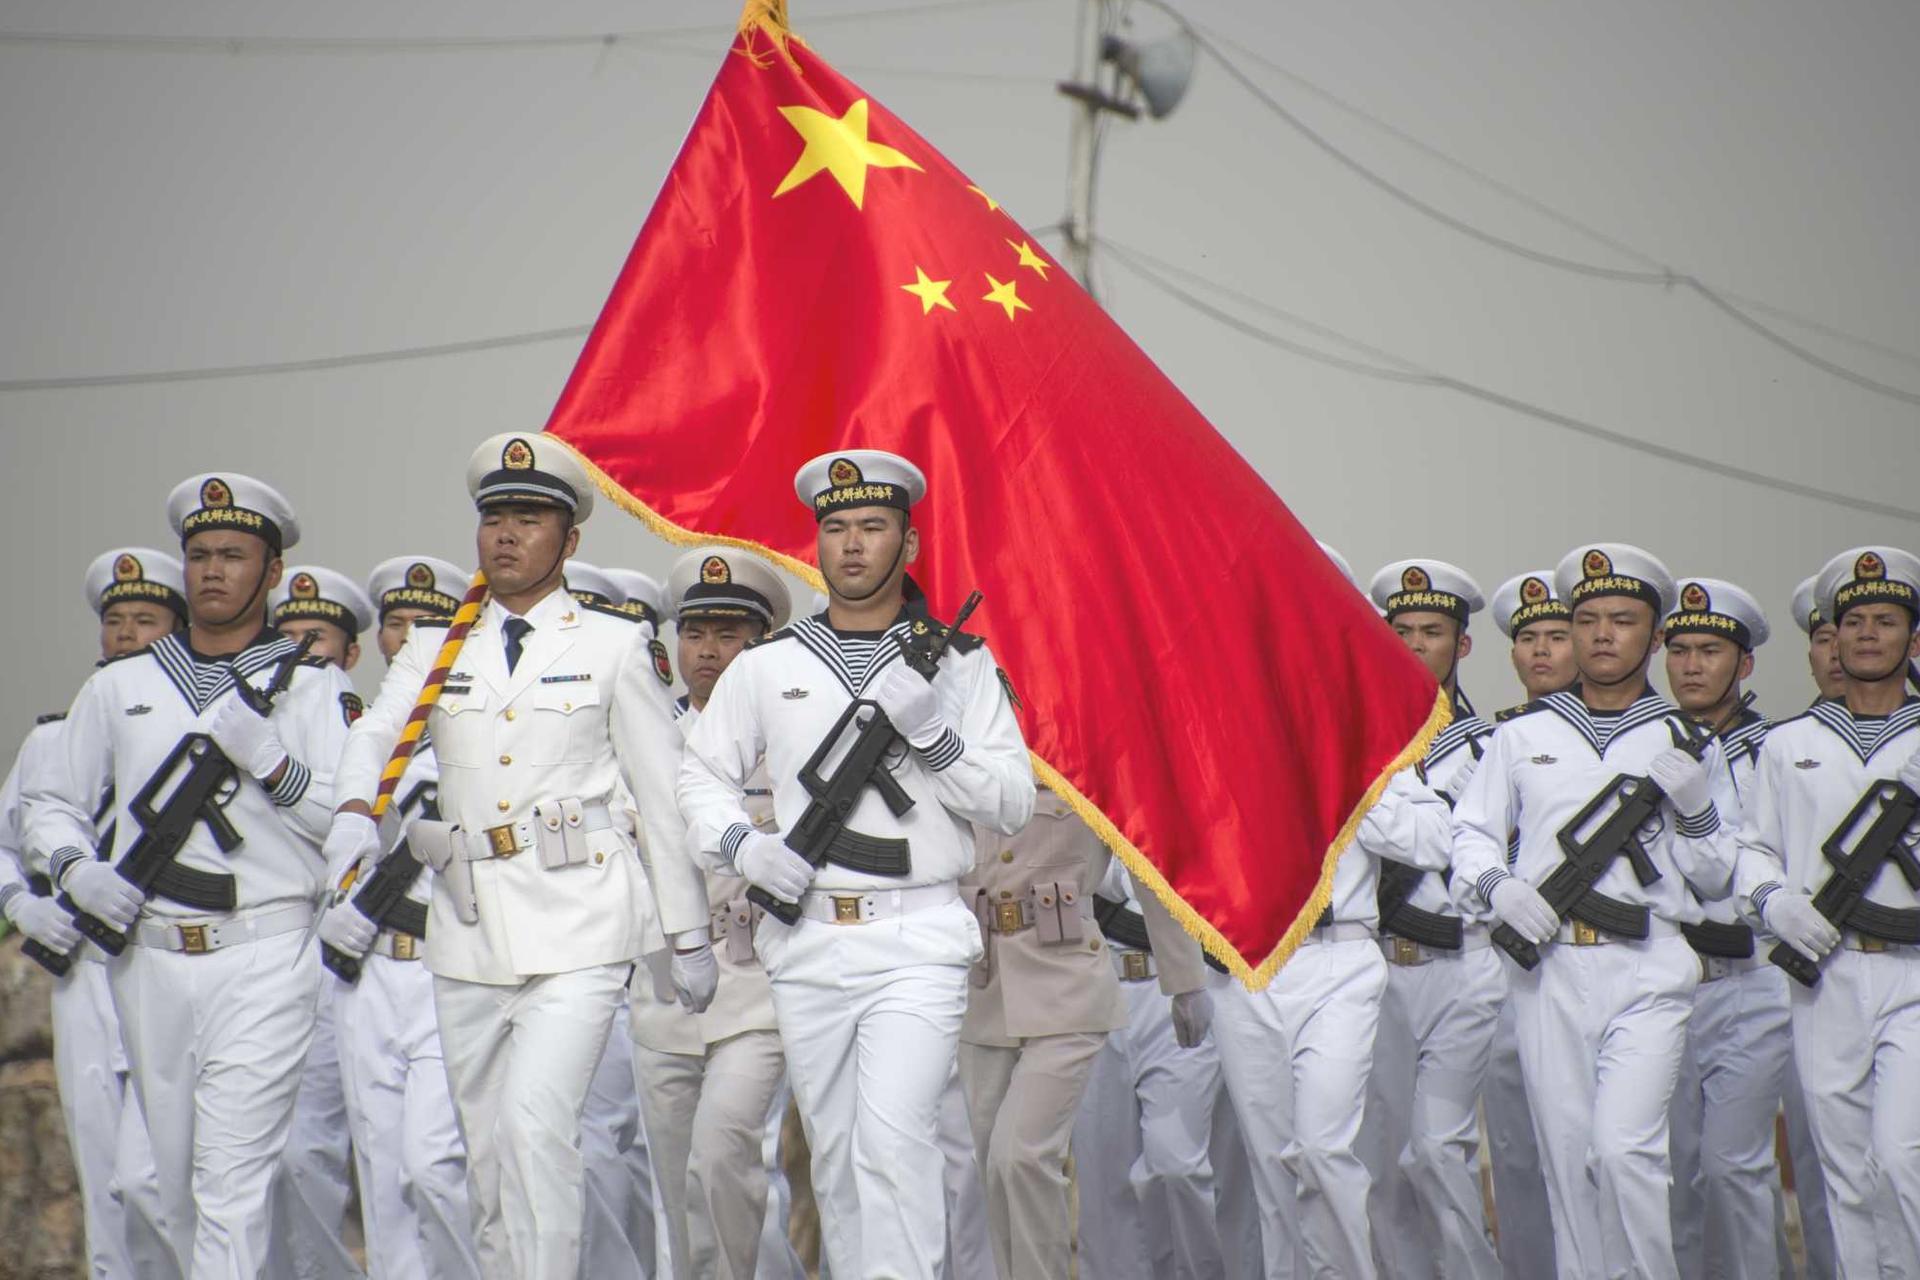 China Volksbevrijdingsleger in Djibouti